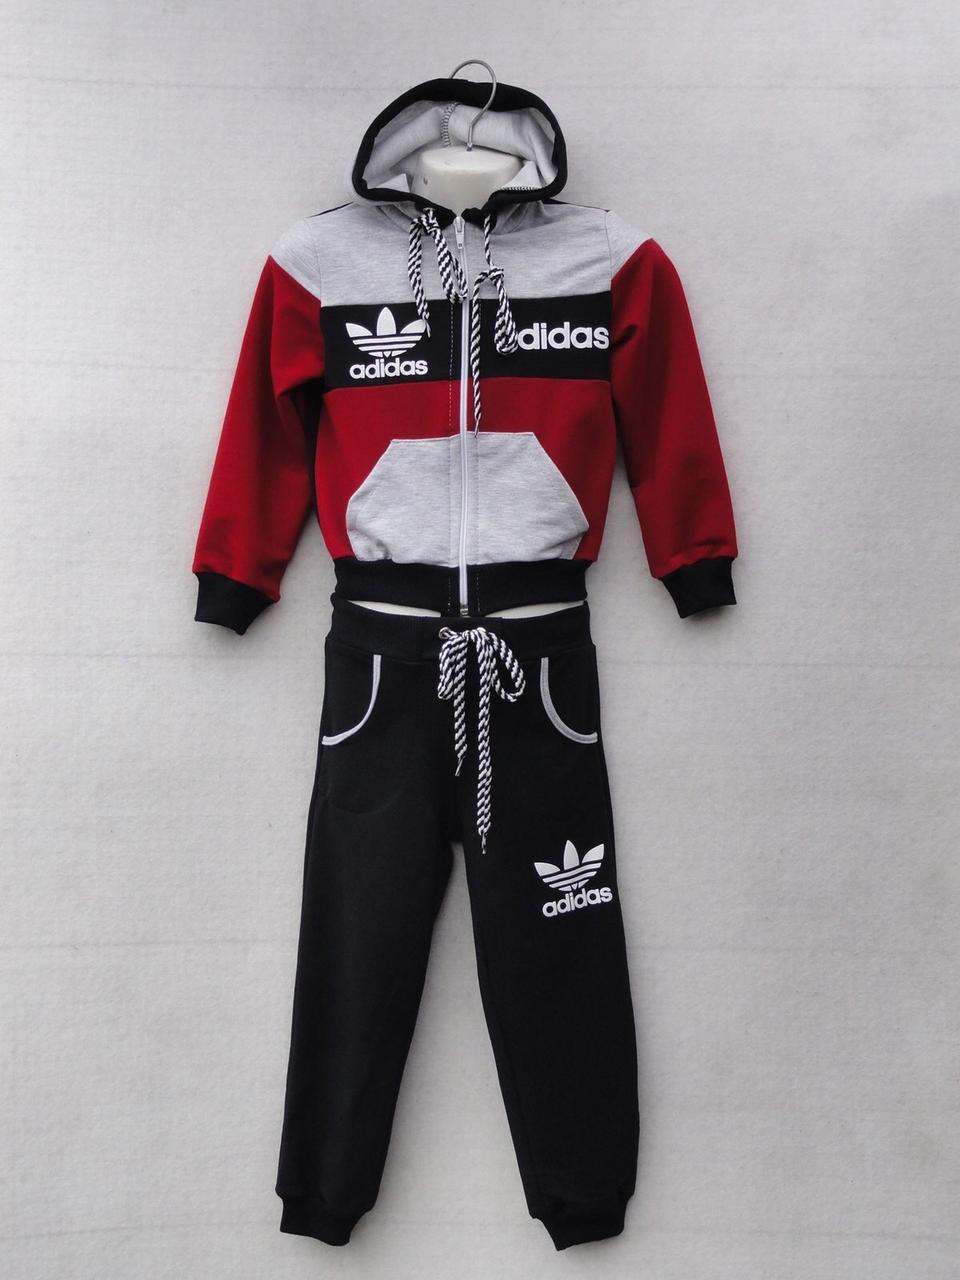 """Спортивный костюм детский """"Adidas реплика"""". Возраст 4-8 лет. Бордо с черным. Оптом"""